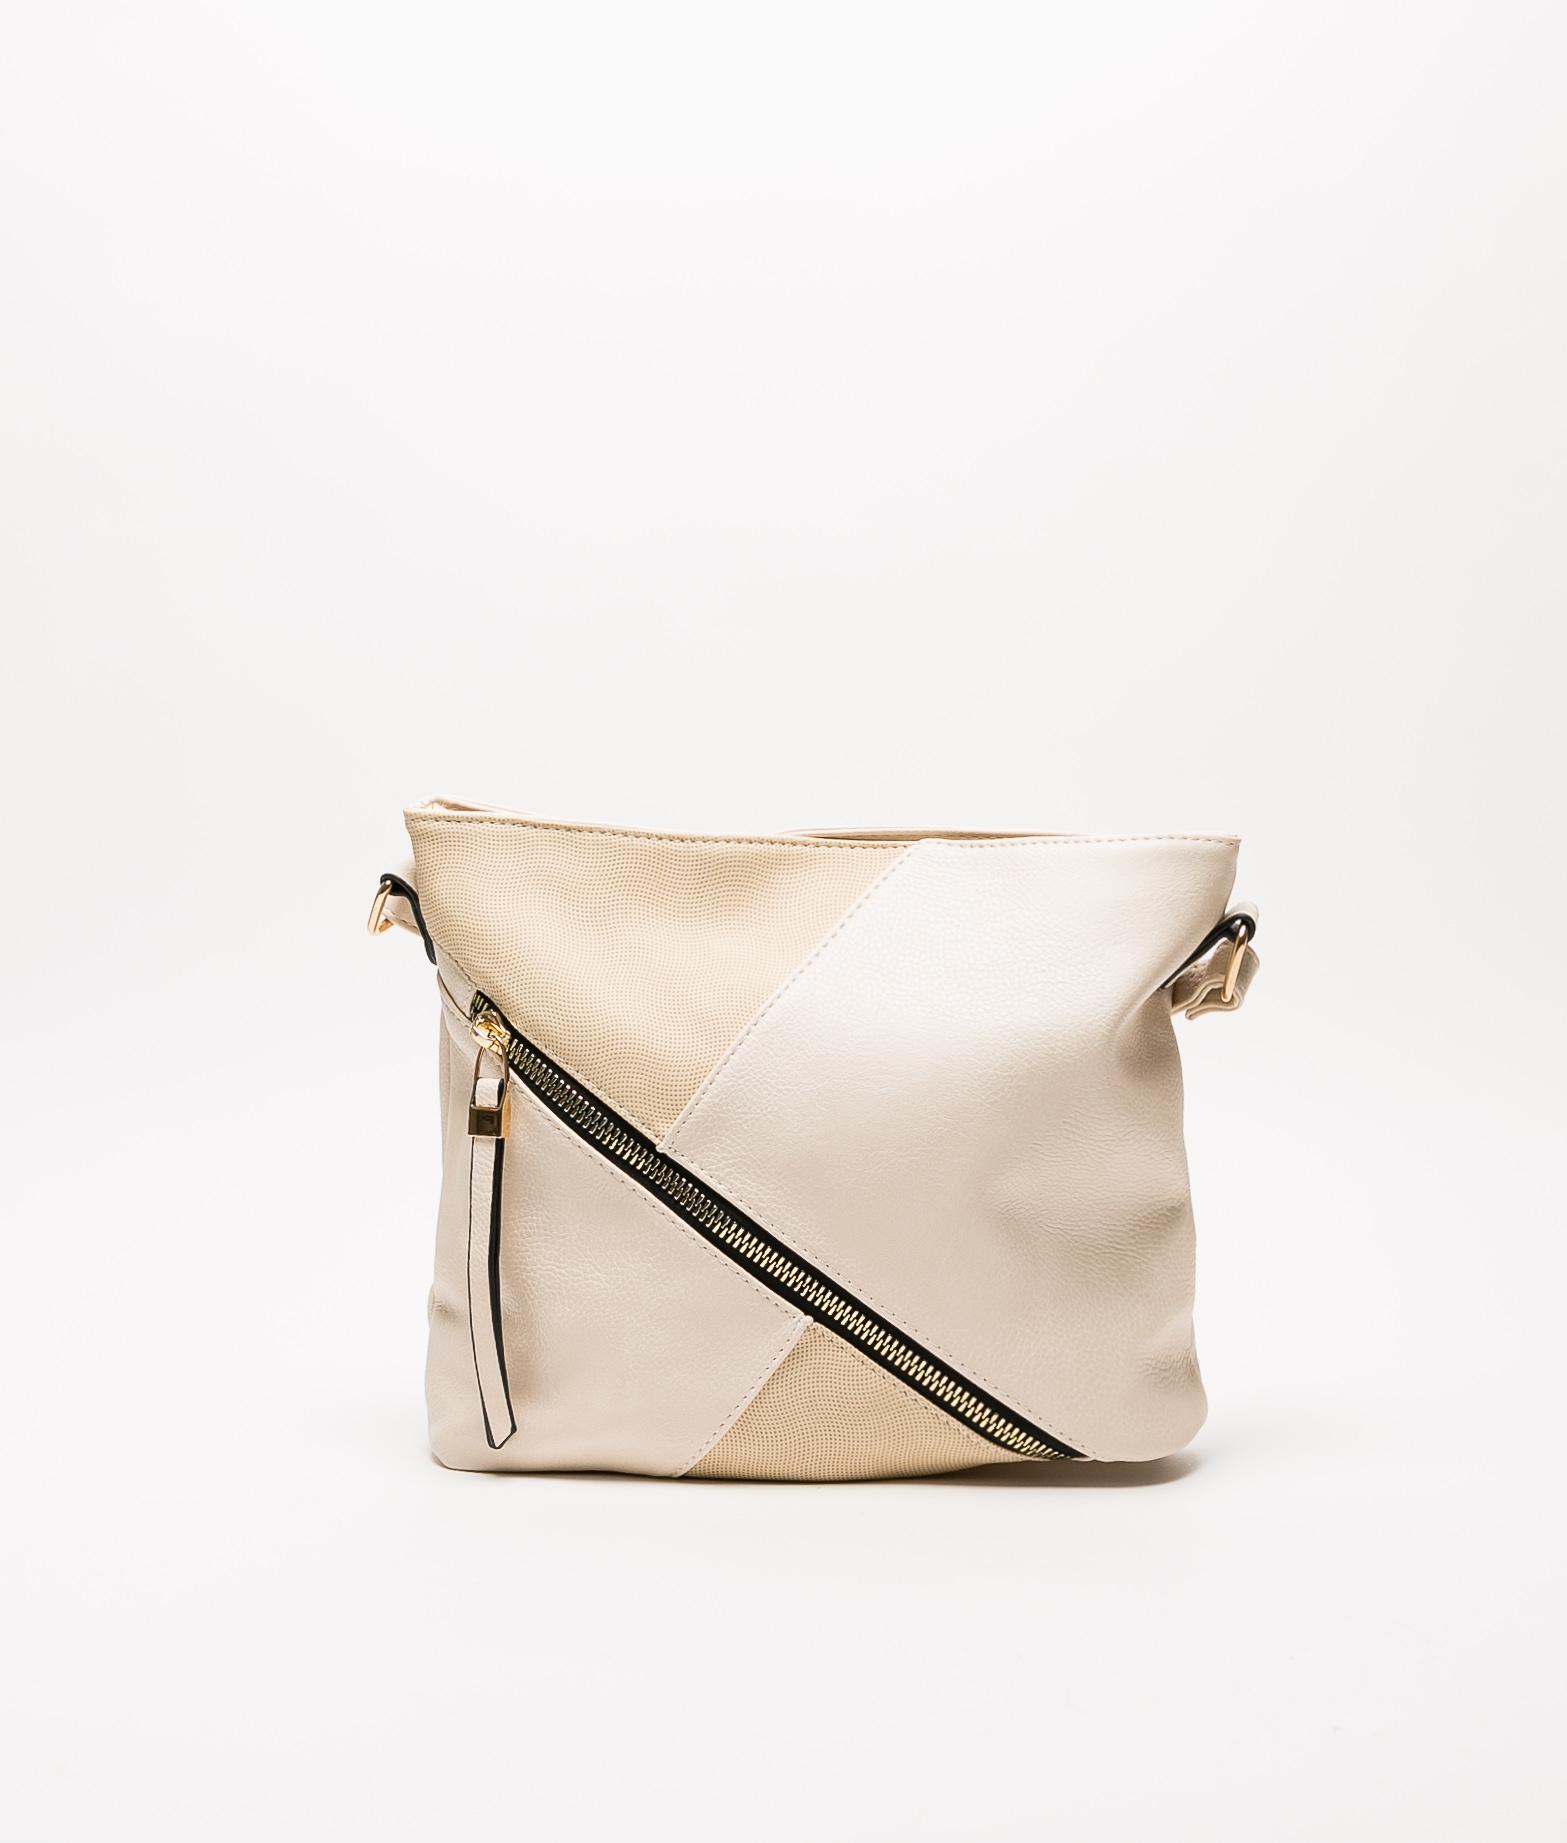 Shoulder bag Silke - Beige